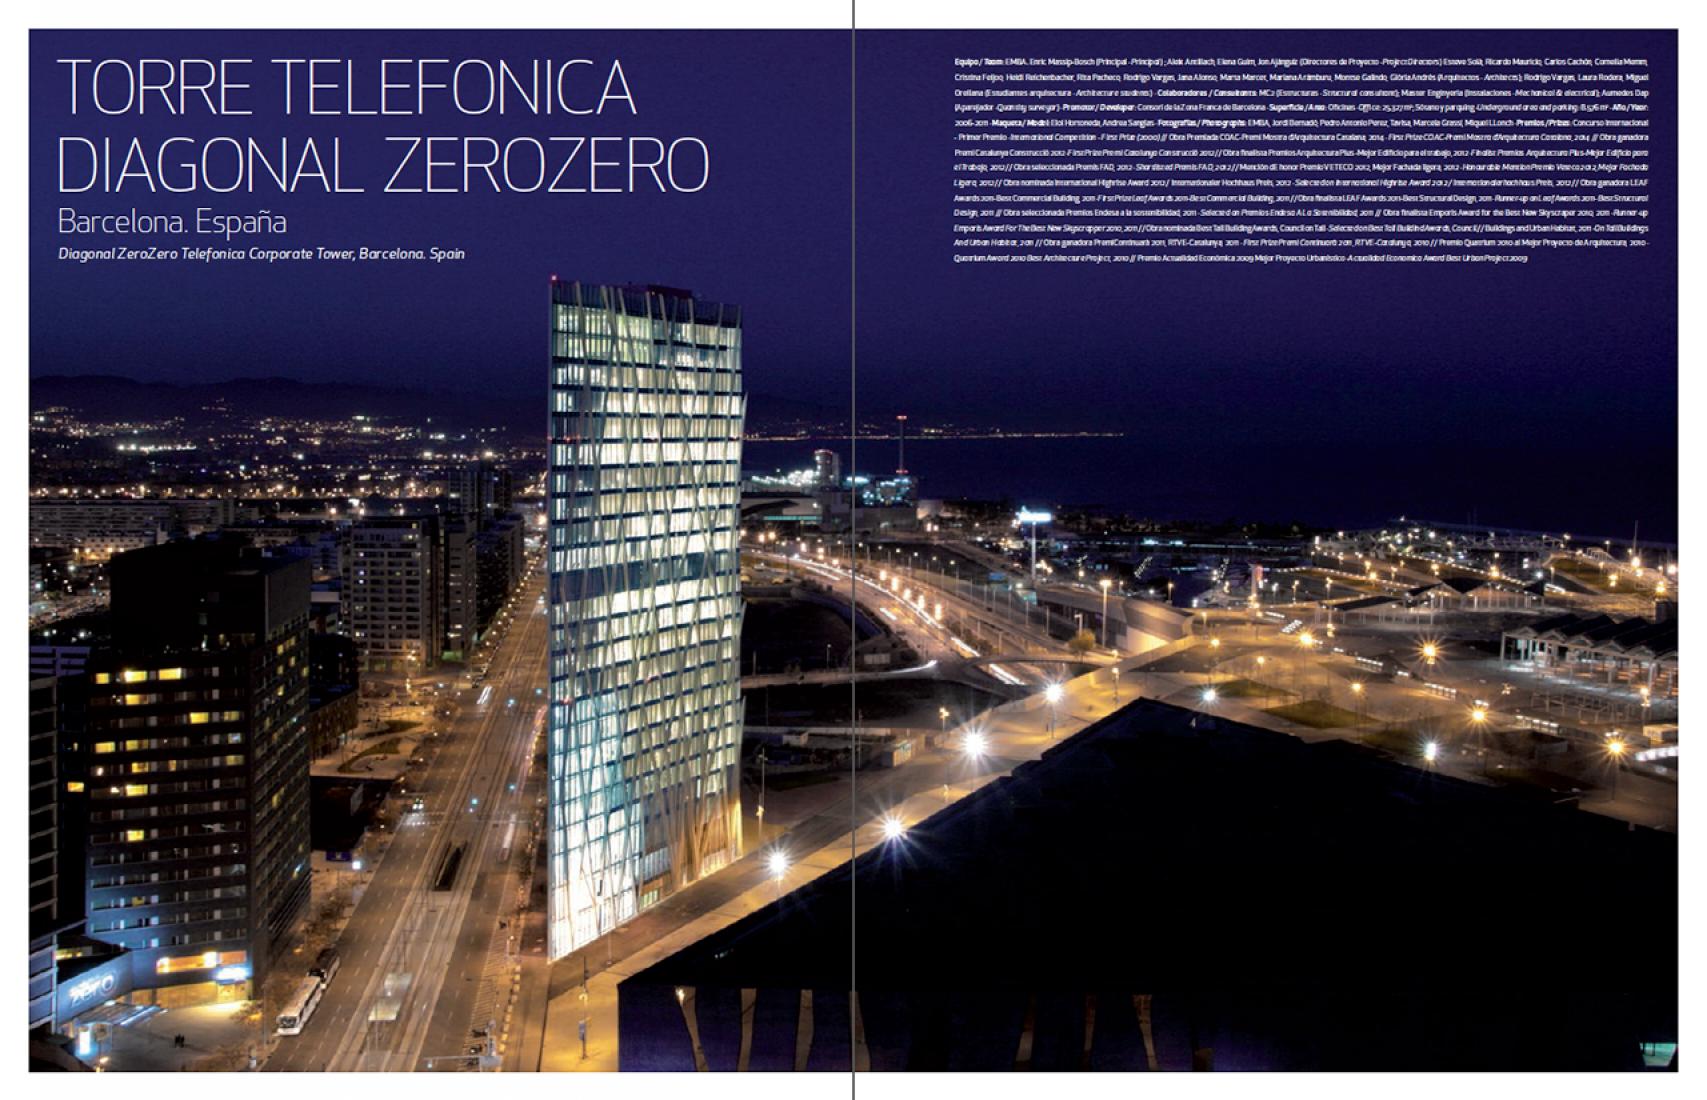 Páginas interiores. EMBA: Enric Massip-Bosch Arquitectura 2005-2015. TC Cuadernos Nº 121. Imagen cortesía de TC Cuadernos.